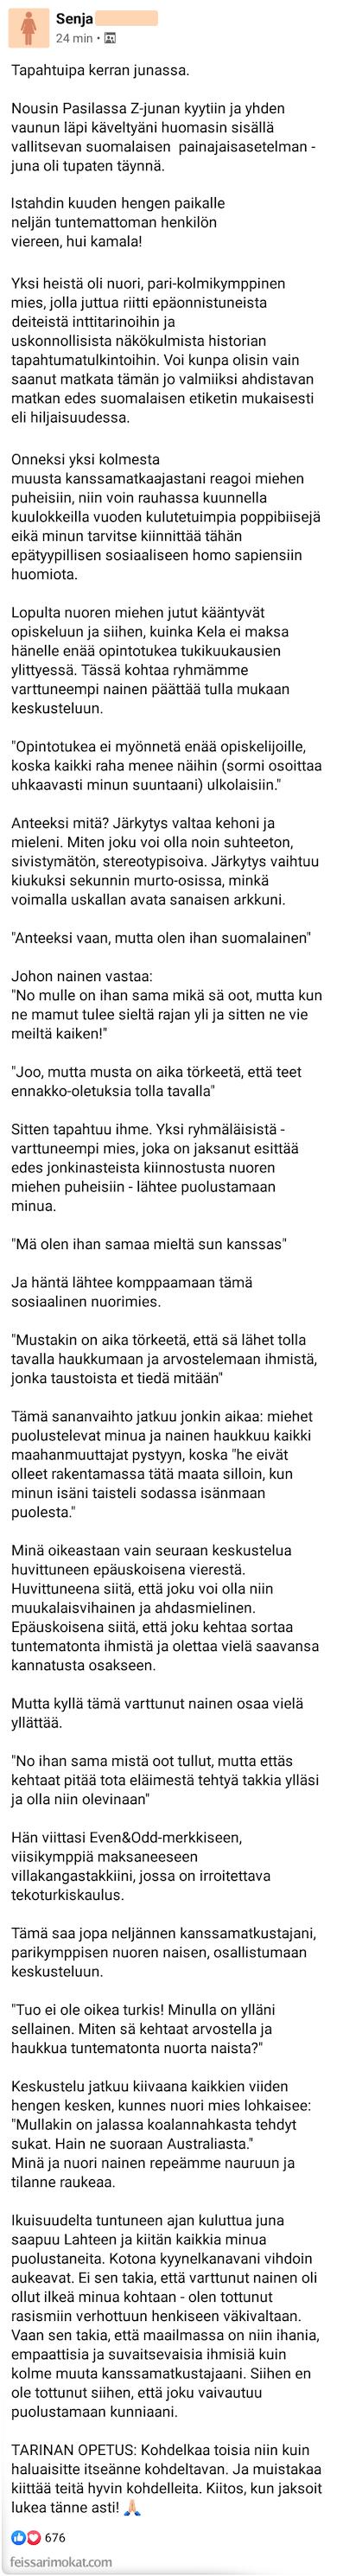 Suomalaiset puhuvat junassa